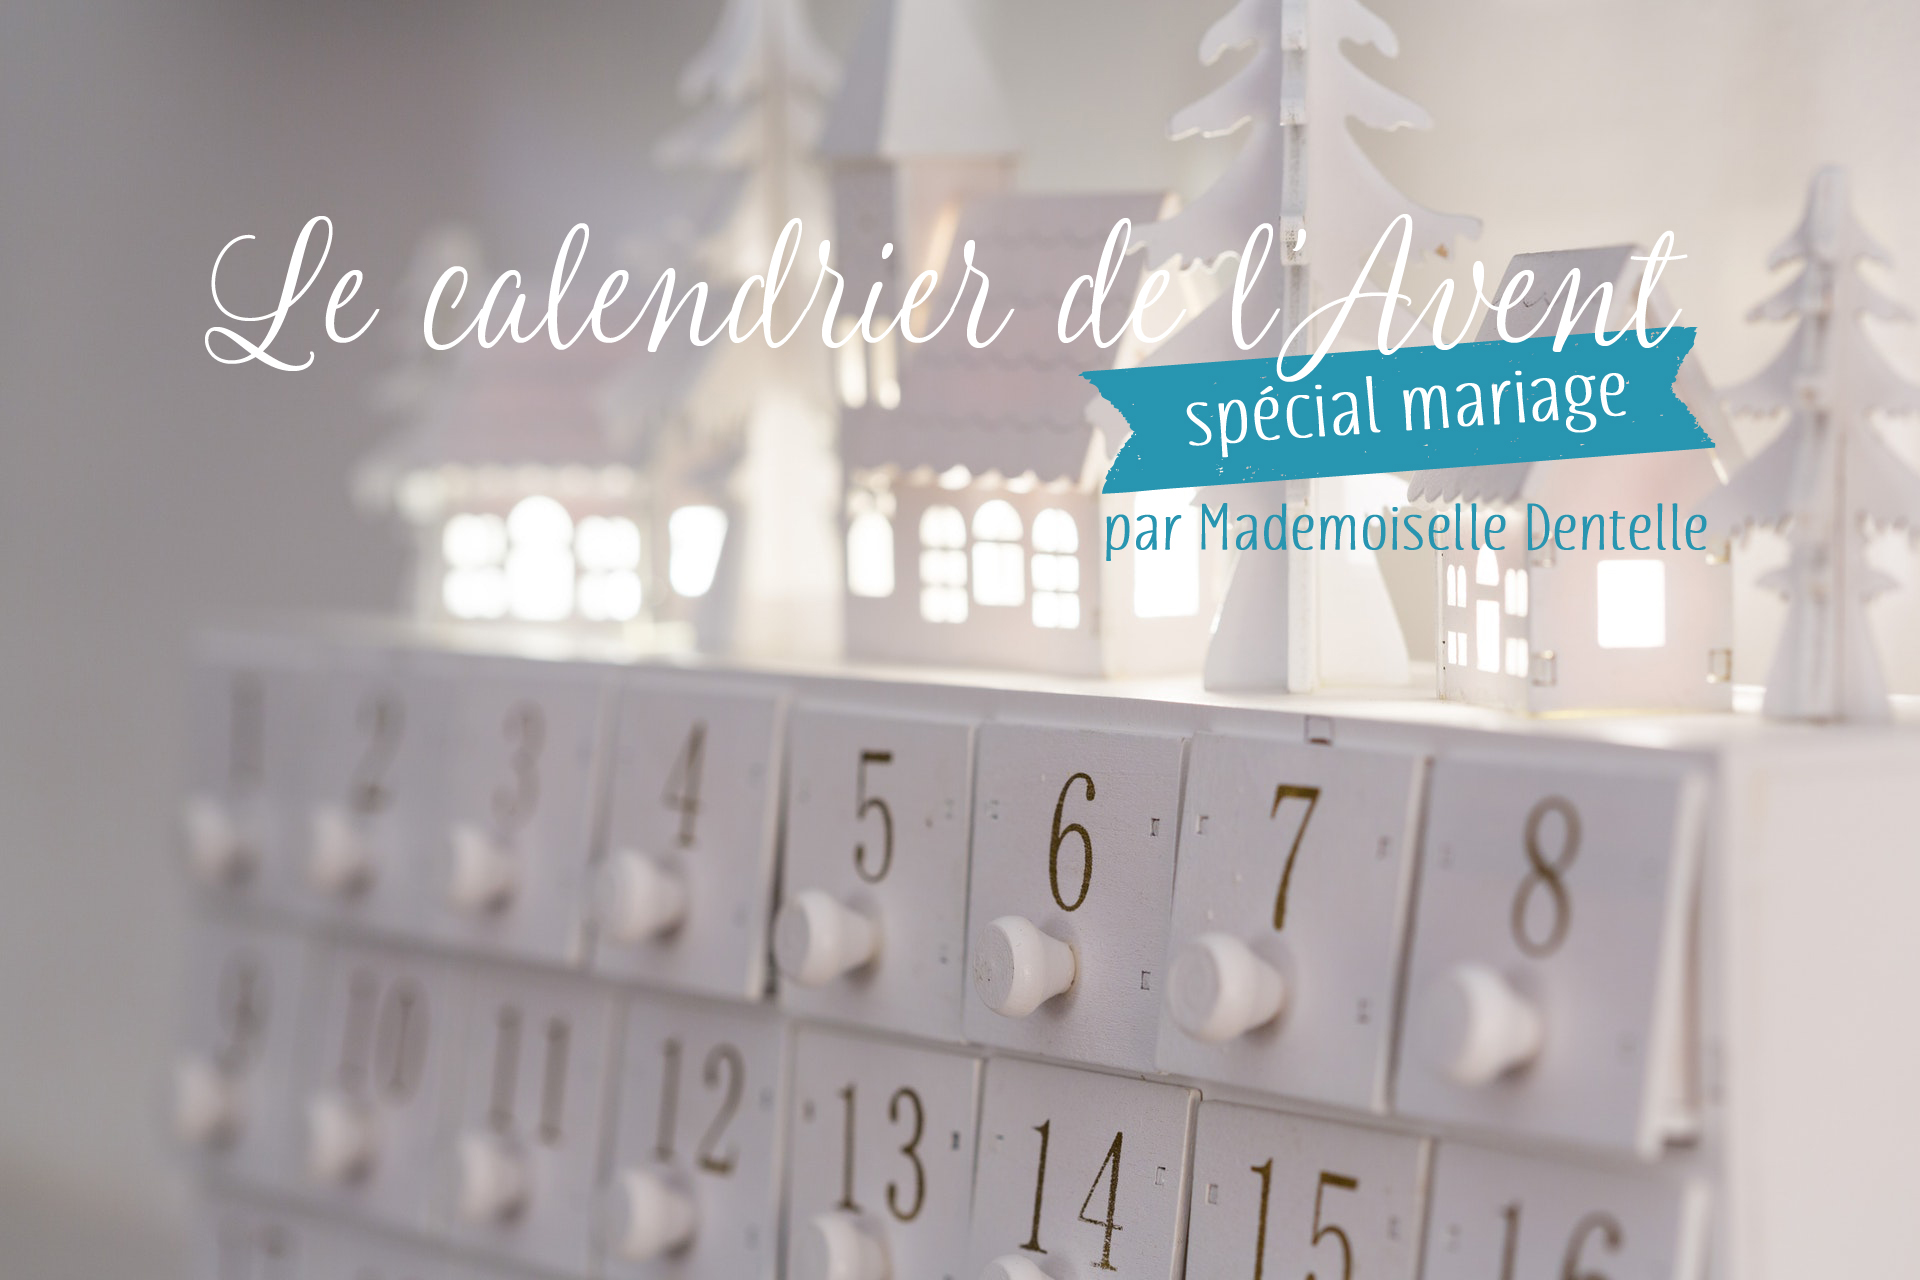 Un calendrier de l'Avent spécial mariage sur Mademoiselle Dentelle !